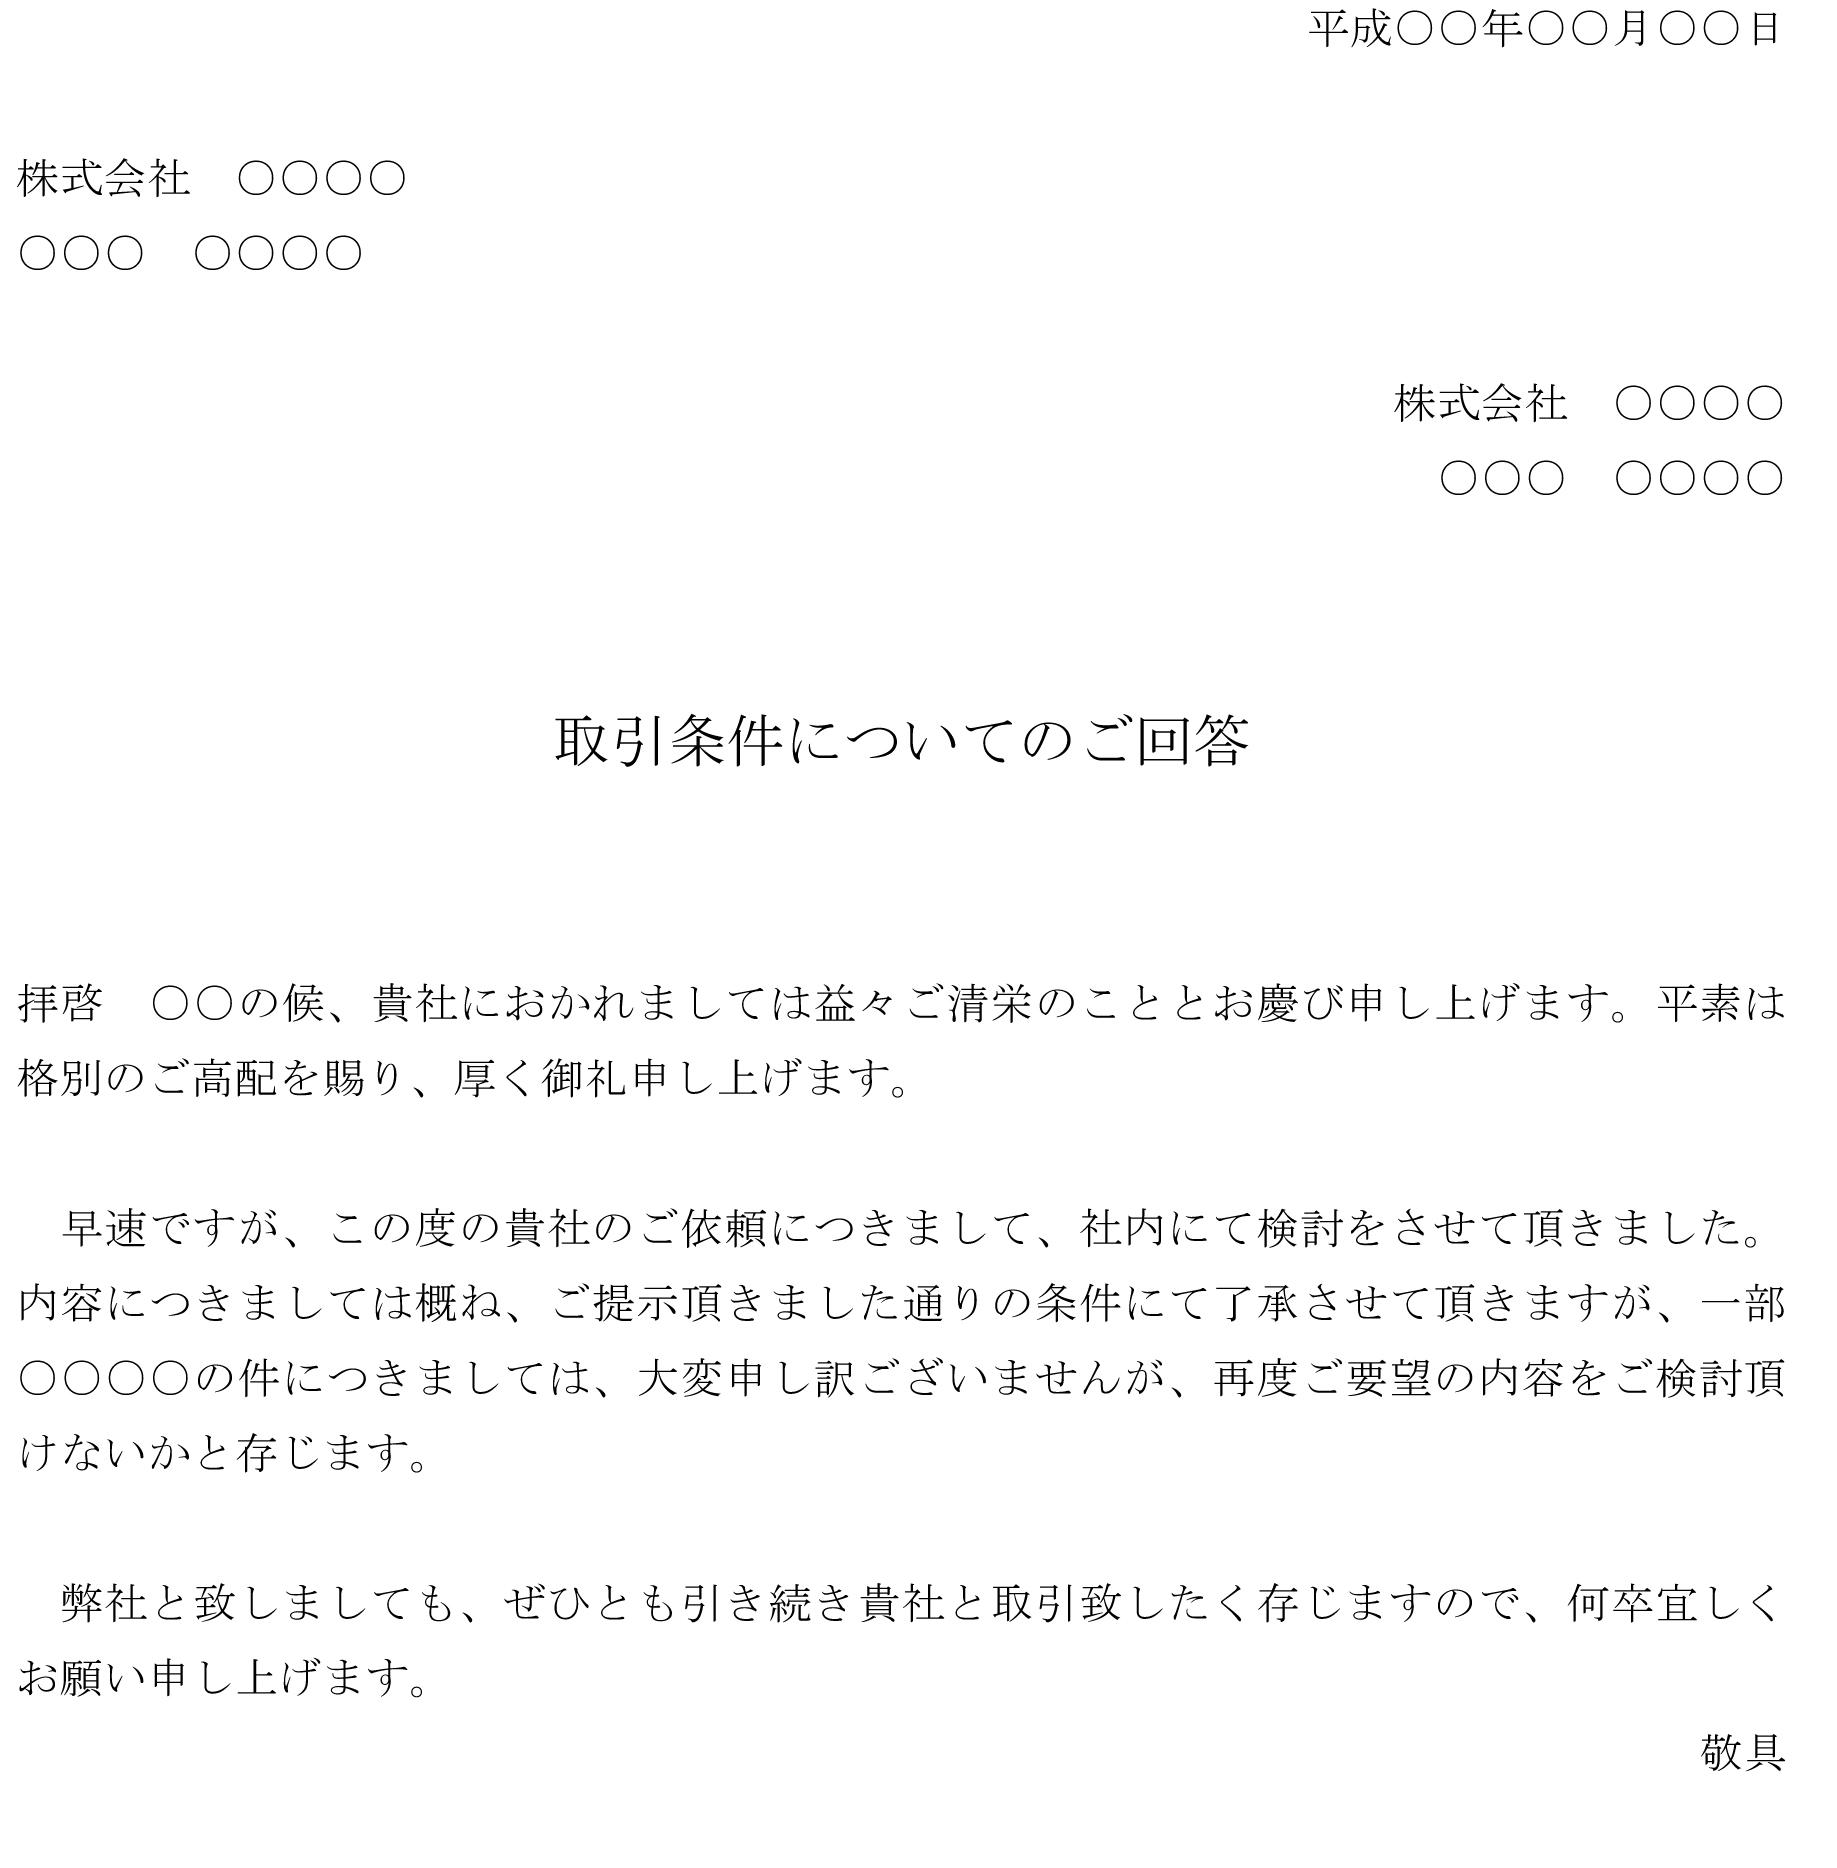 回答書取引条件の変更依頼についてその一部を承諾)01